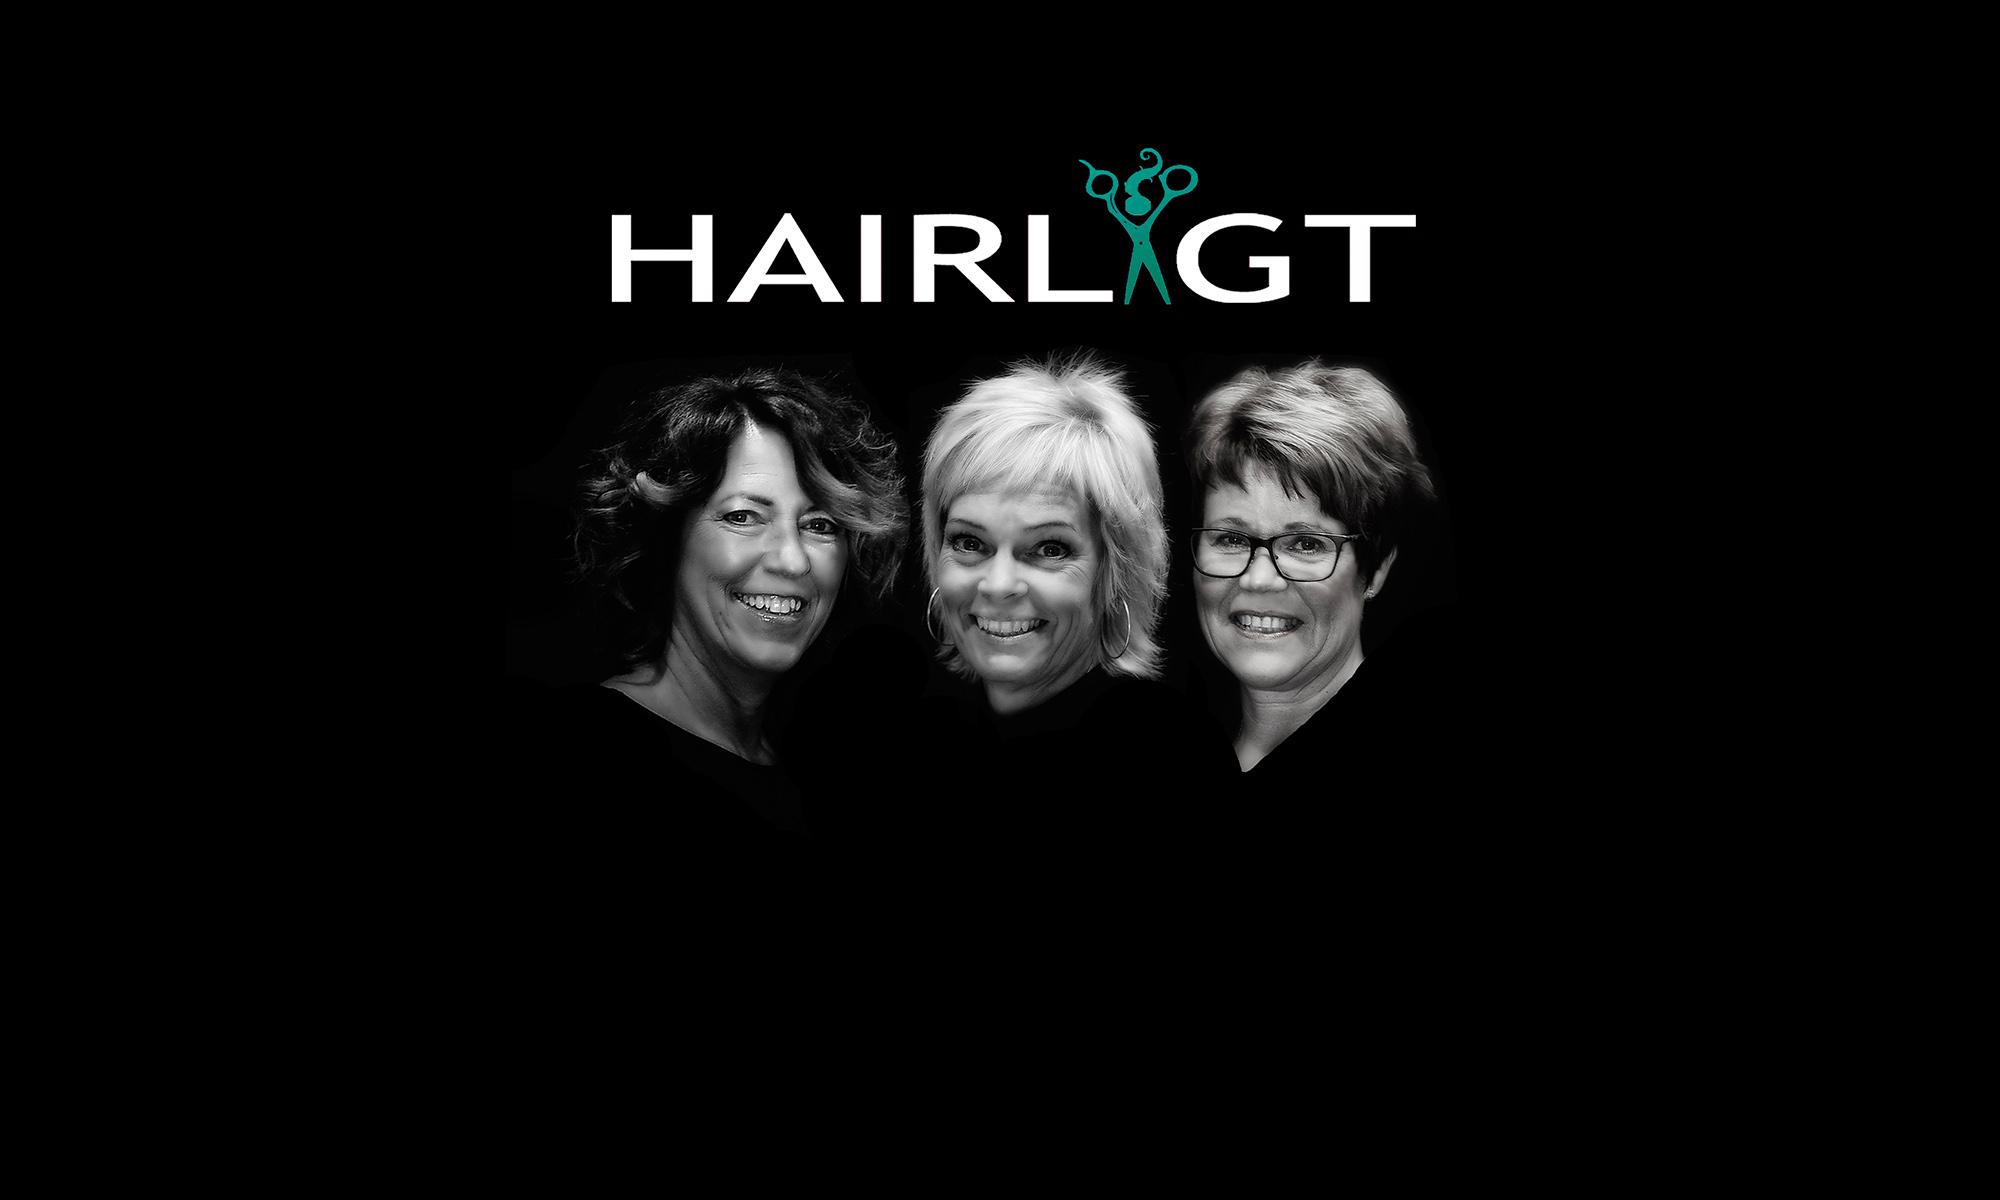 Hairligt.com